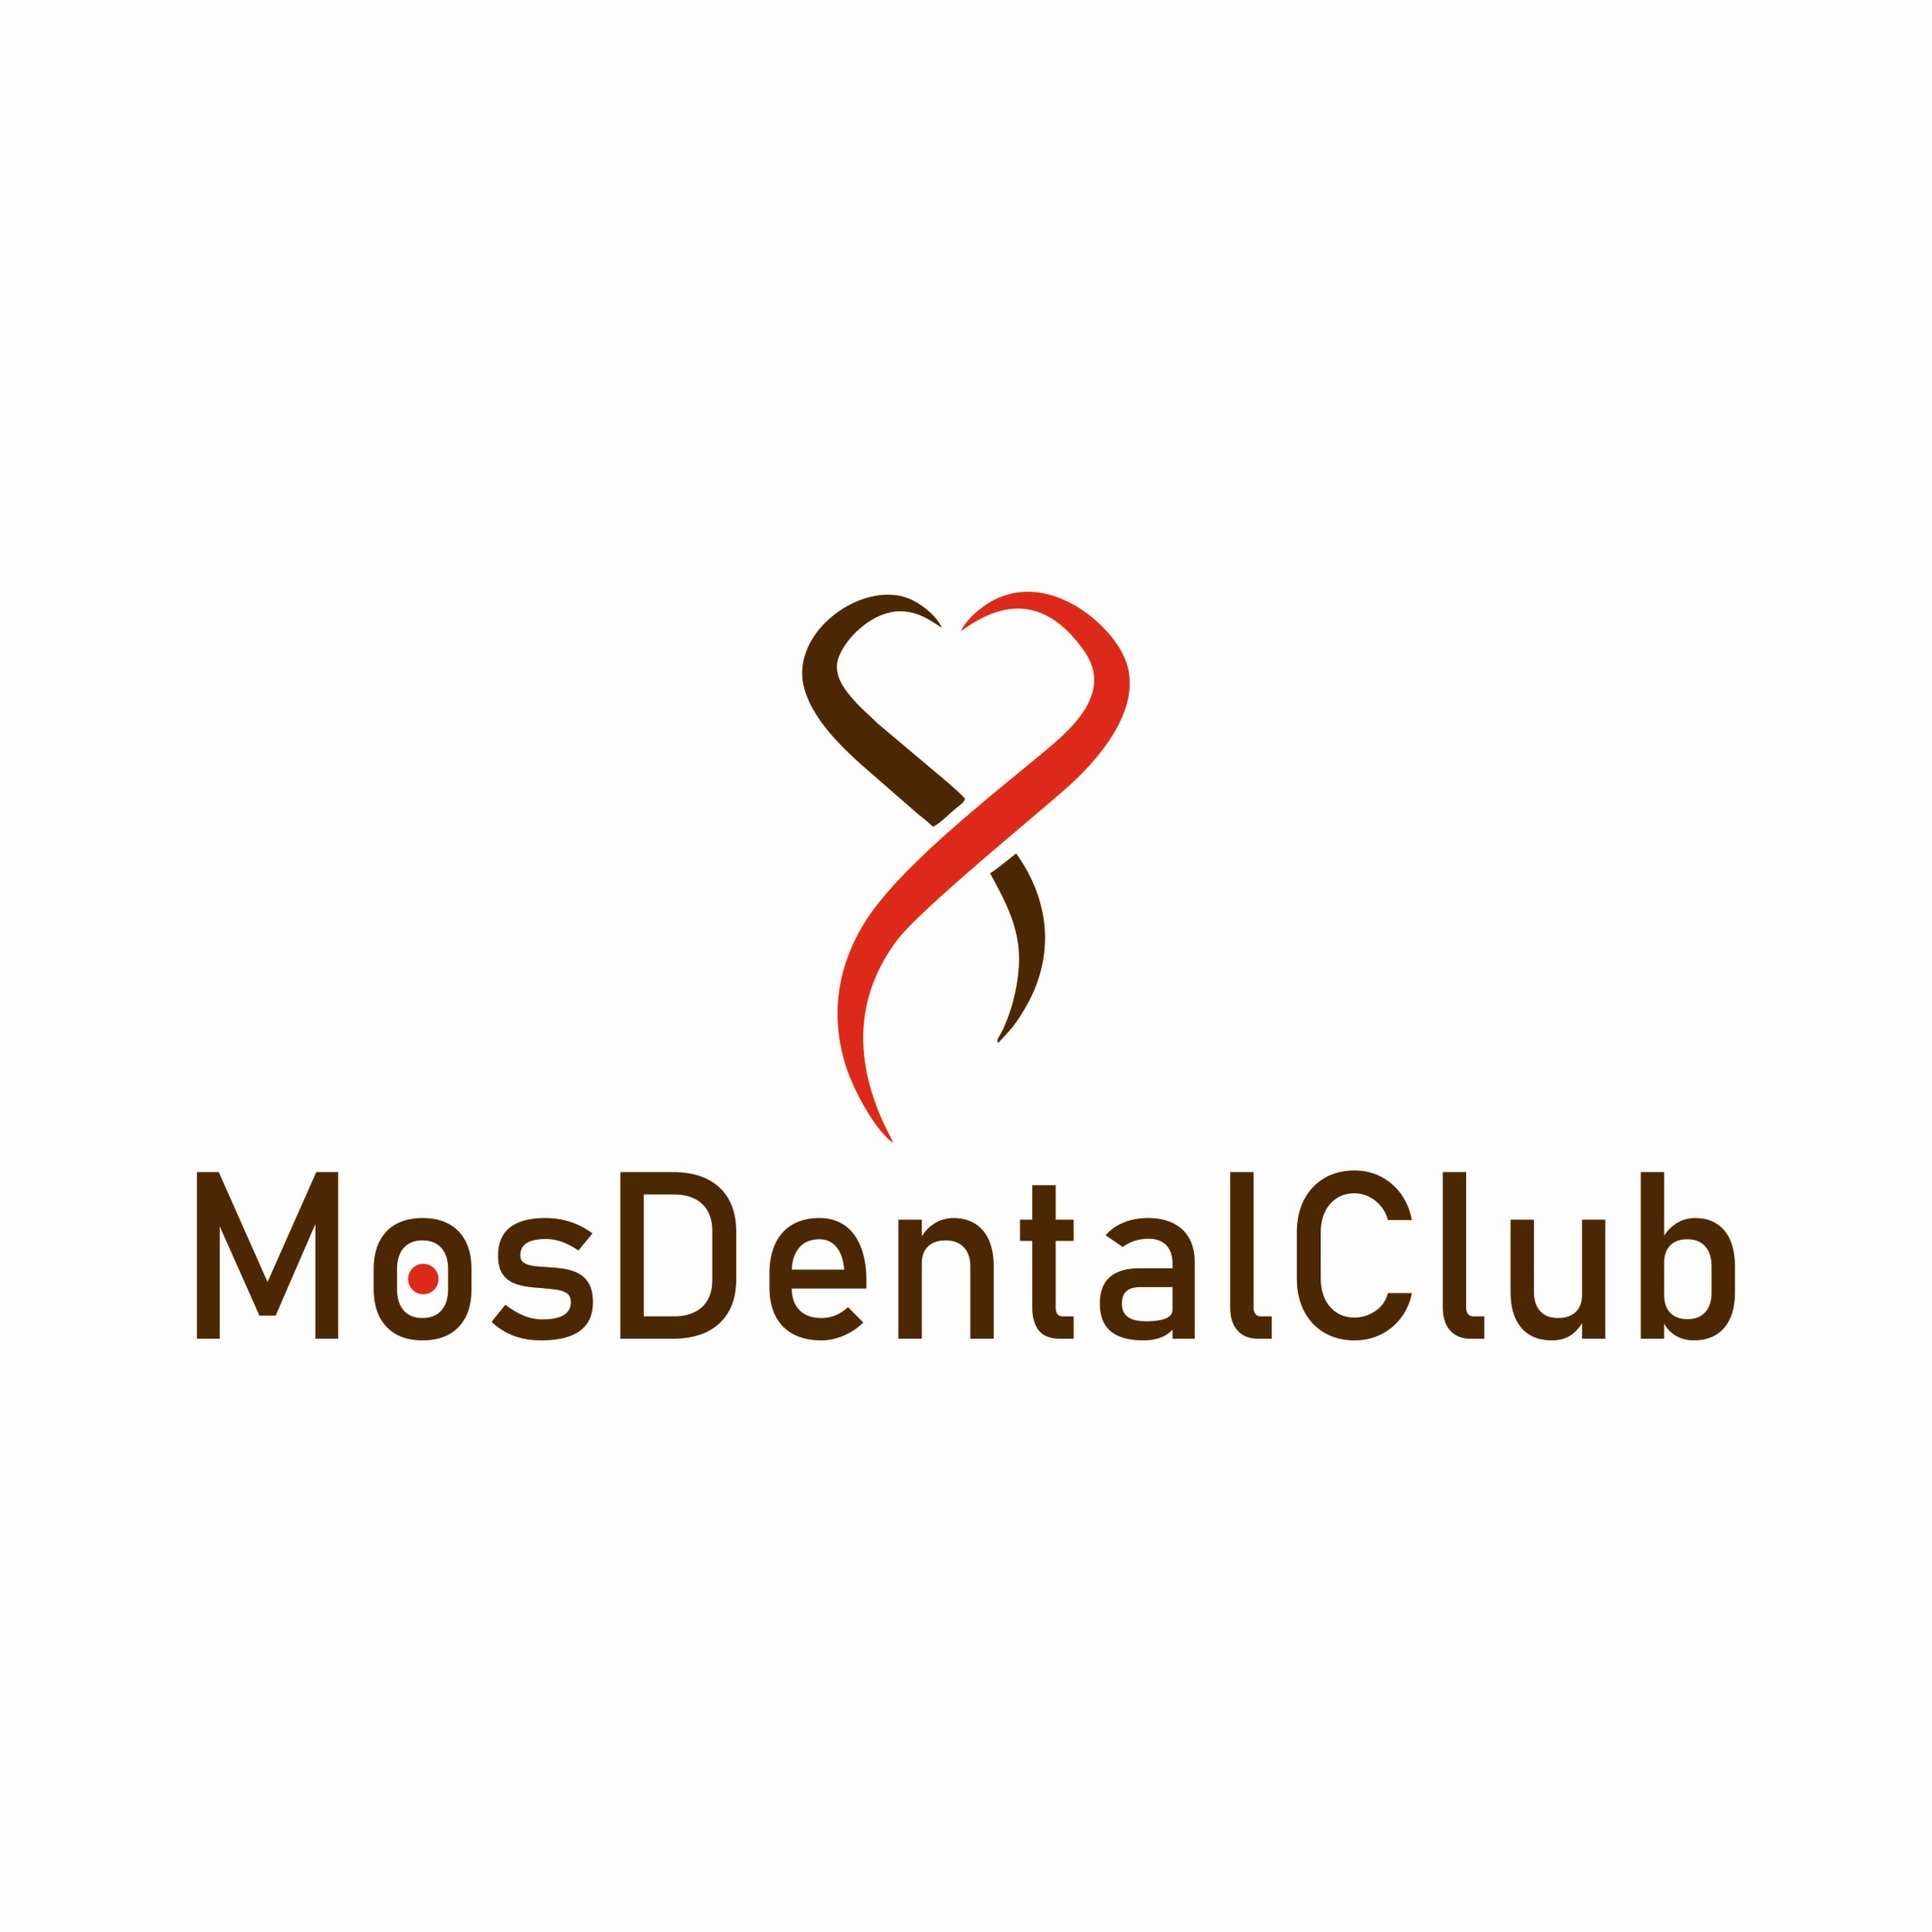 Разработка логотипа стоматологического медицинского центра фото f_0795e469d58a2d67.jpg